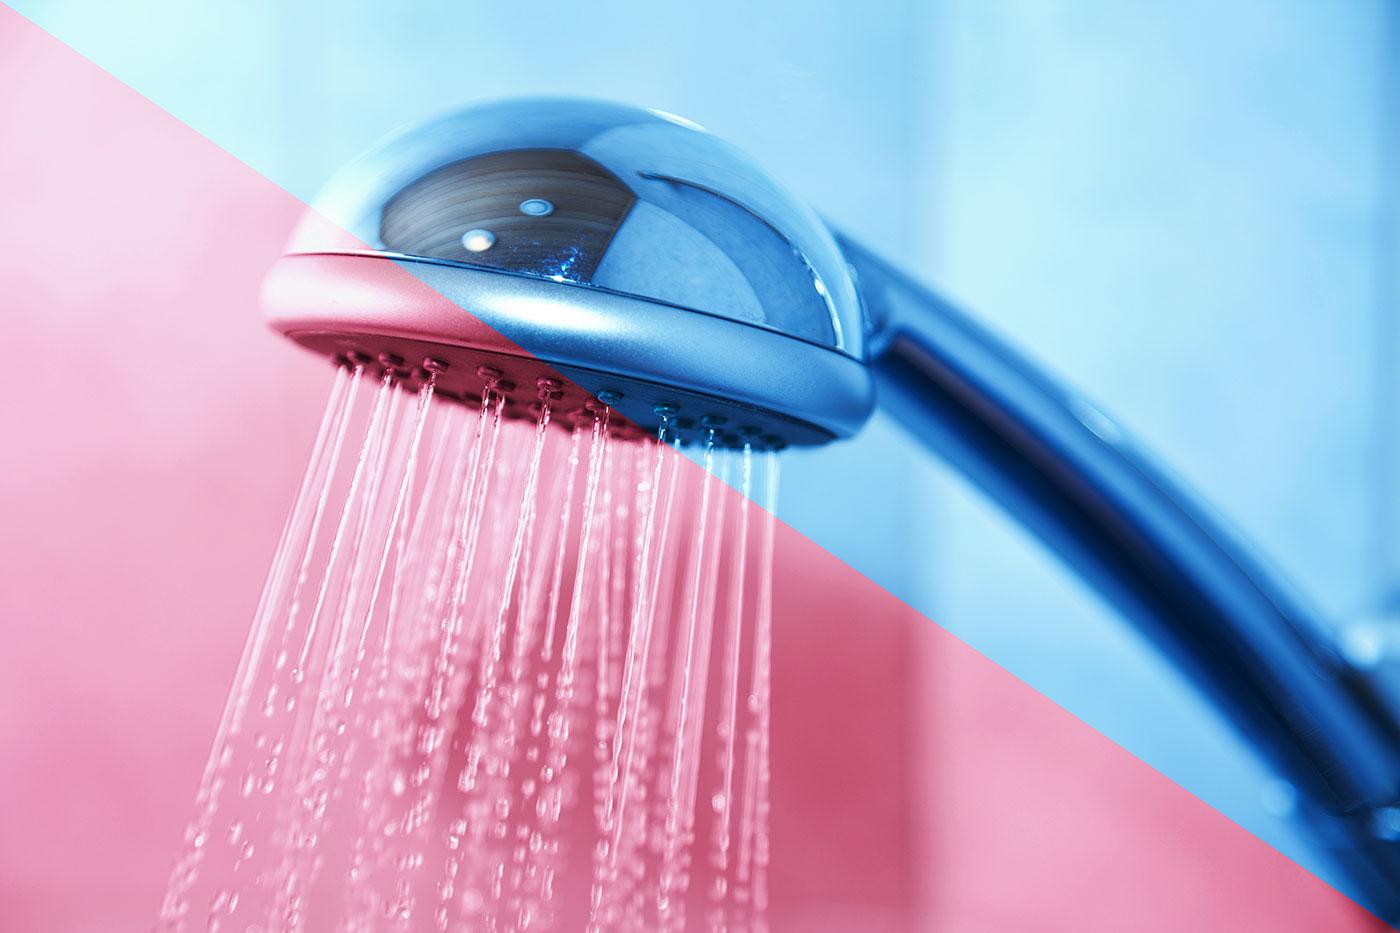 Diy fabriquer une temporisation pour votre douche avec un esp8266 semageek - Realiser une douche avec receveur ...